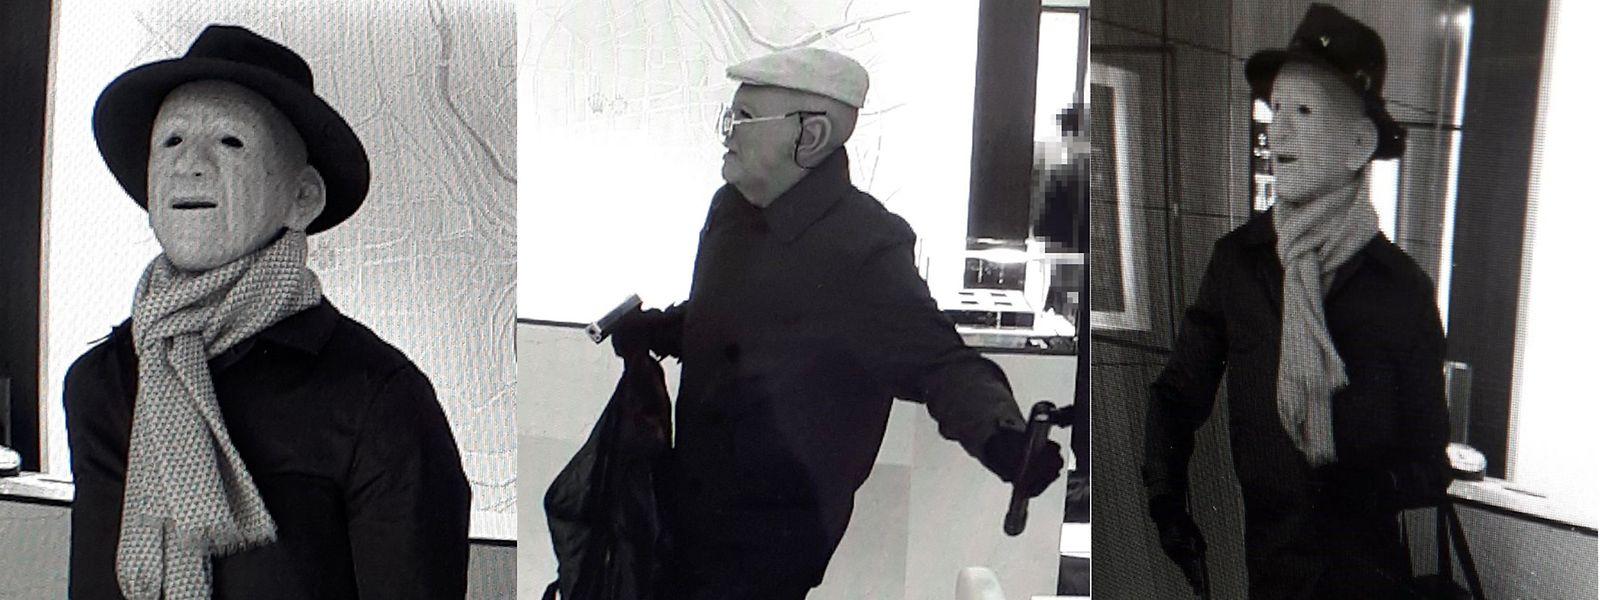 Als alte Männer sind zwei schwer bewaffnete Uhrenräuber verkleidet, als sie am 20. März 2018 gegen 11.20 Uhr ein Geschäft für Luxusuhren in der hauptstädtischen Rue Philippe II betreten.